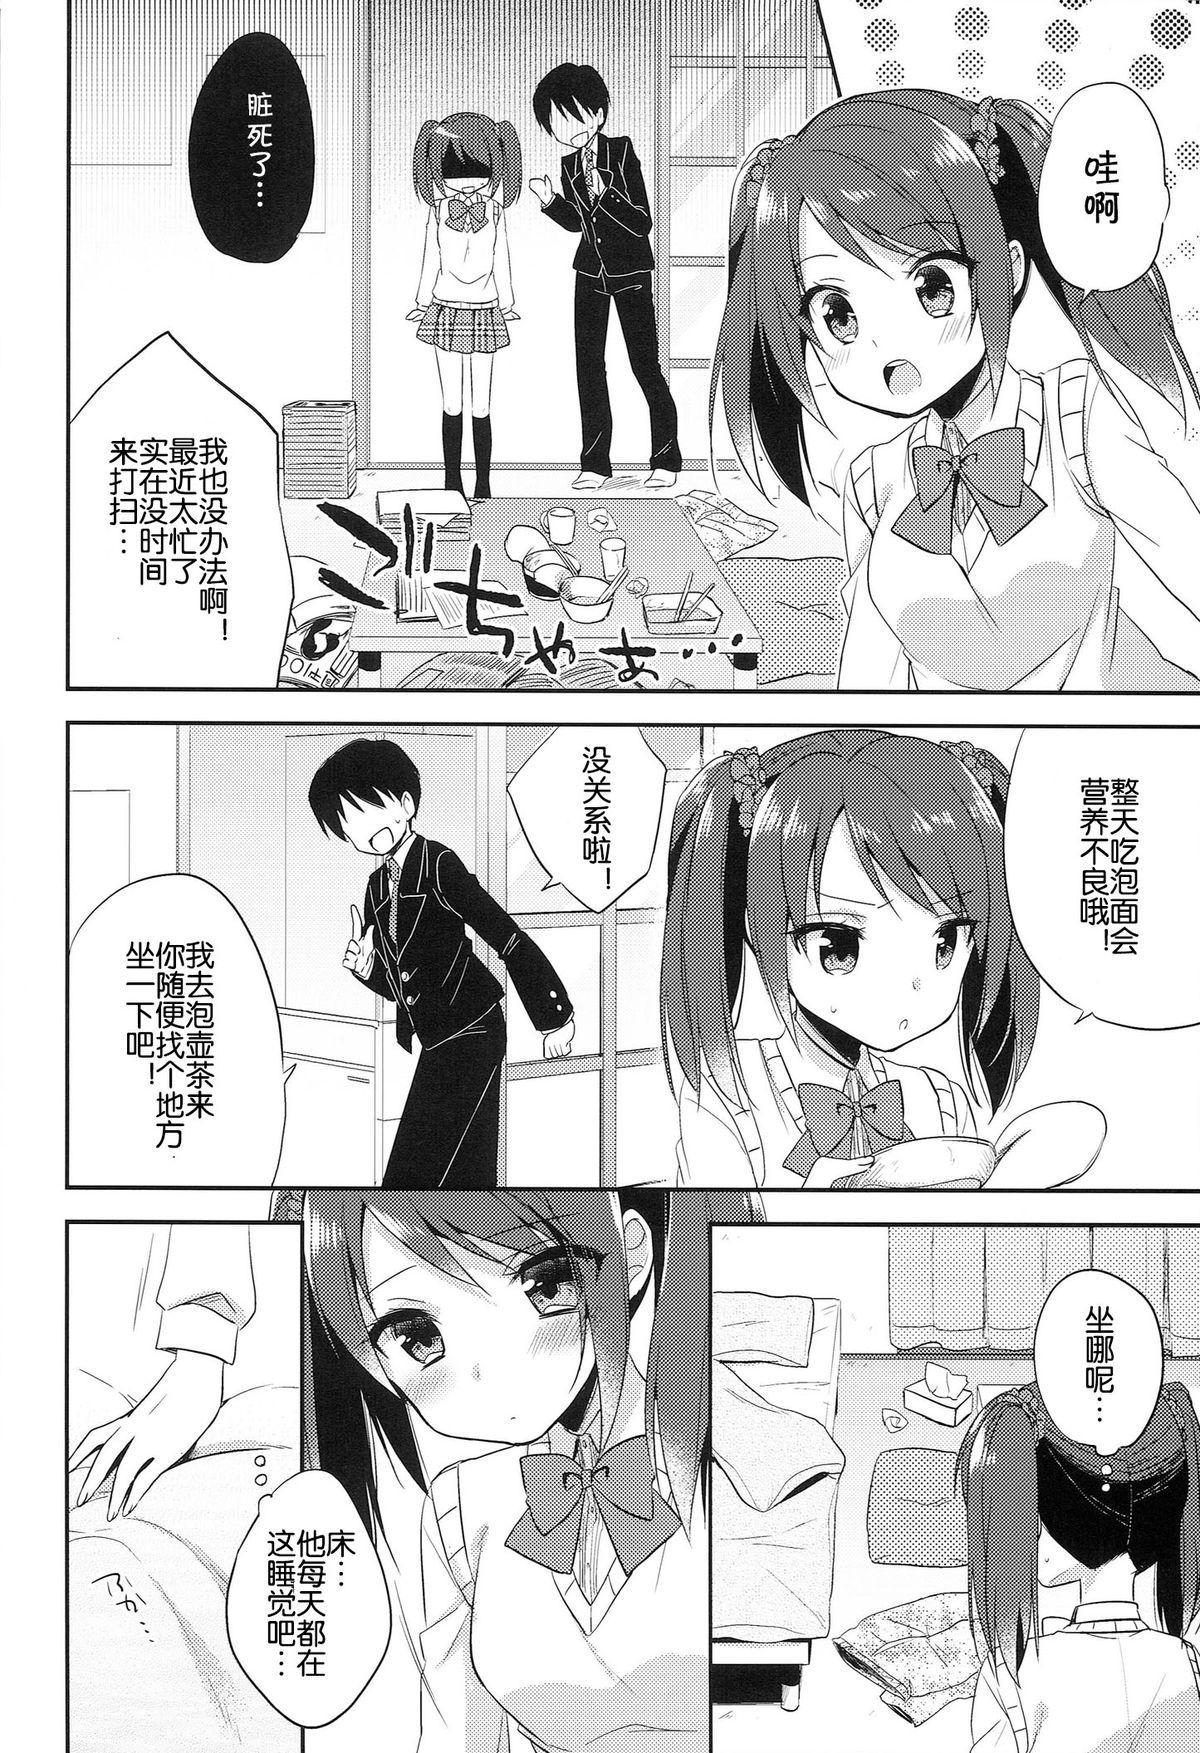 Onnanoko no kimochi 9